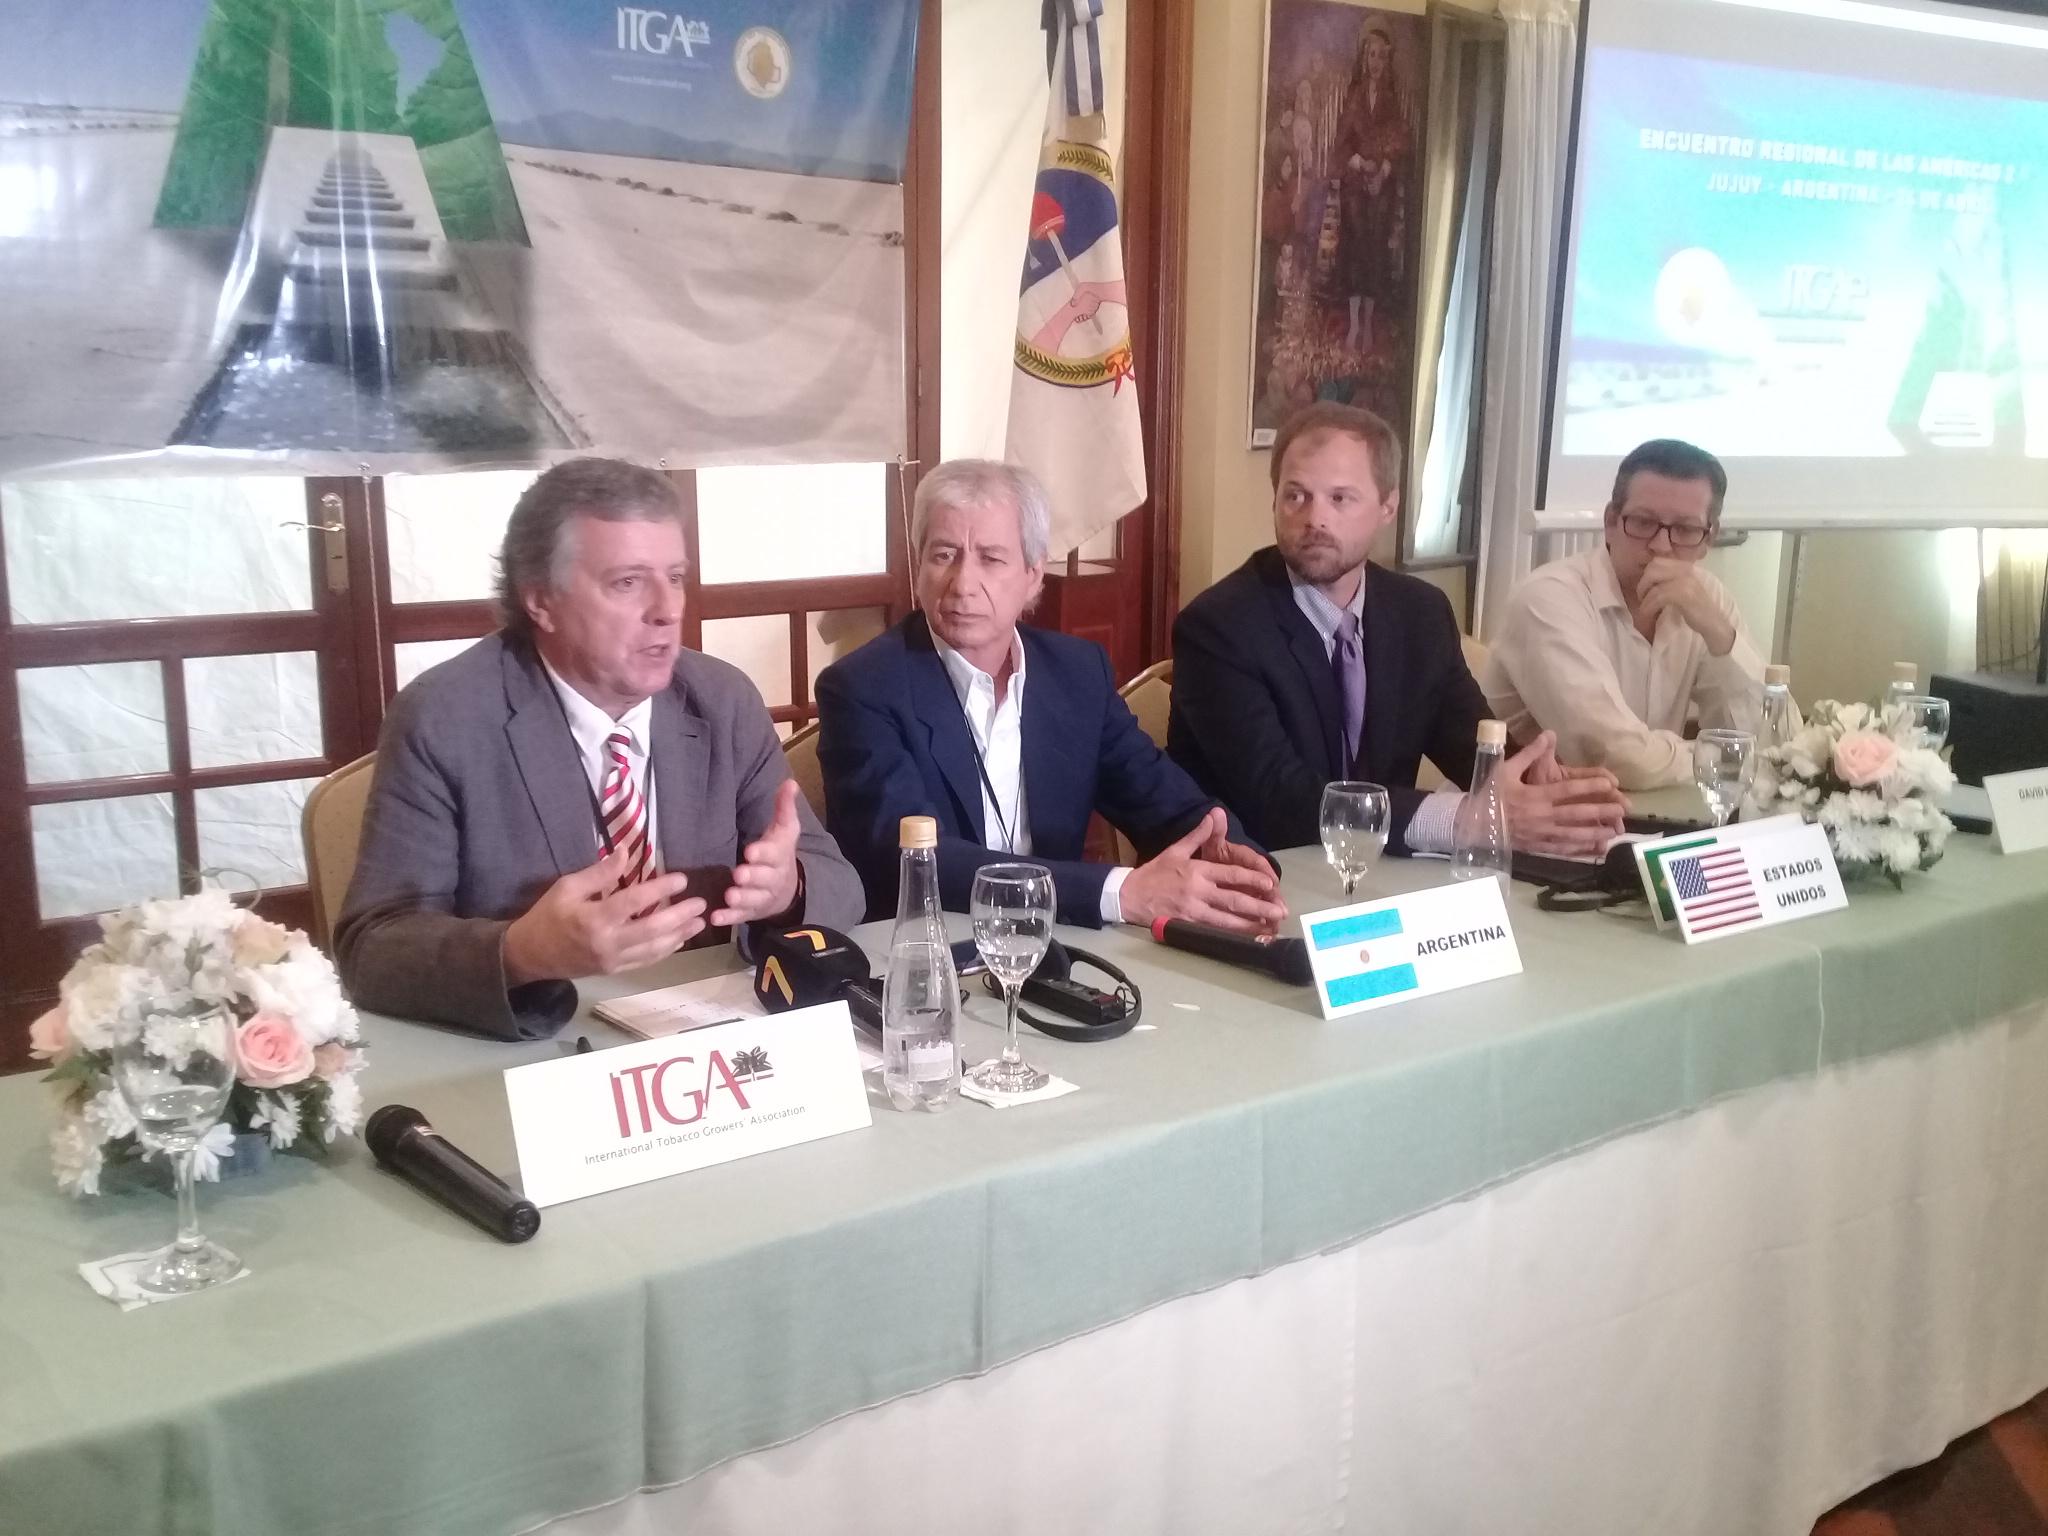 Tabacaleros de América se reunieron en Jujuy para debatir sobre los grandes desafíos que enfrenta el sector